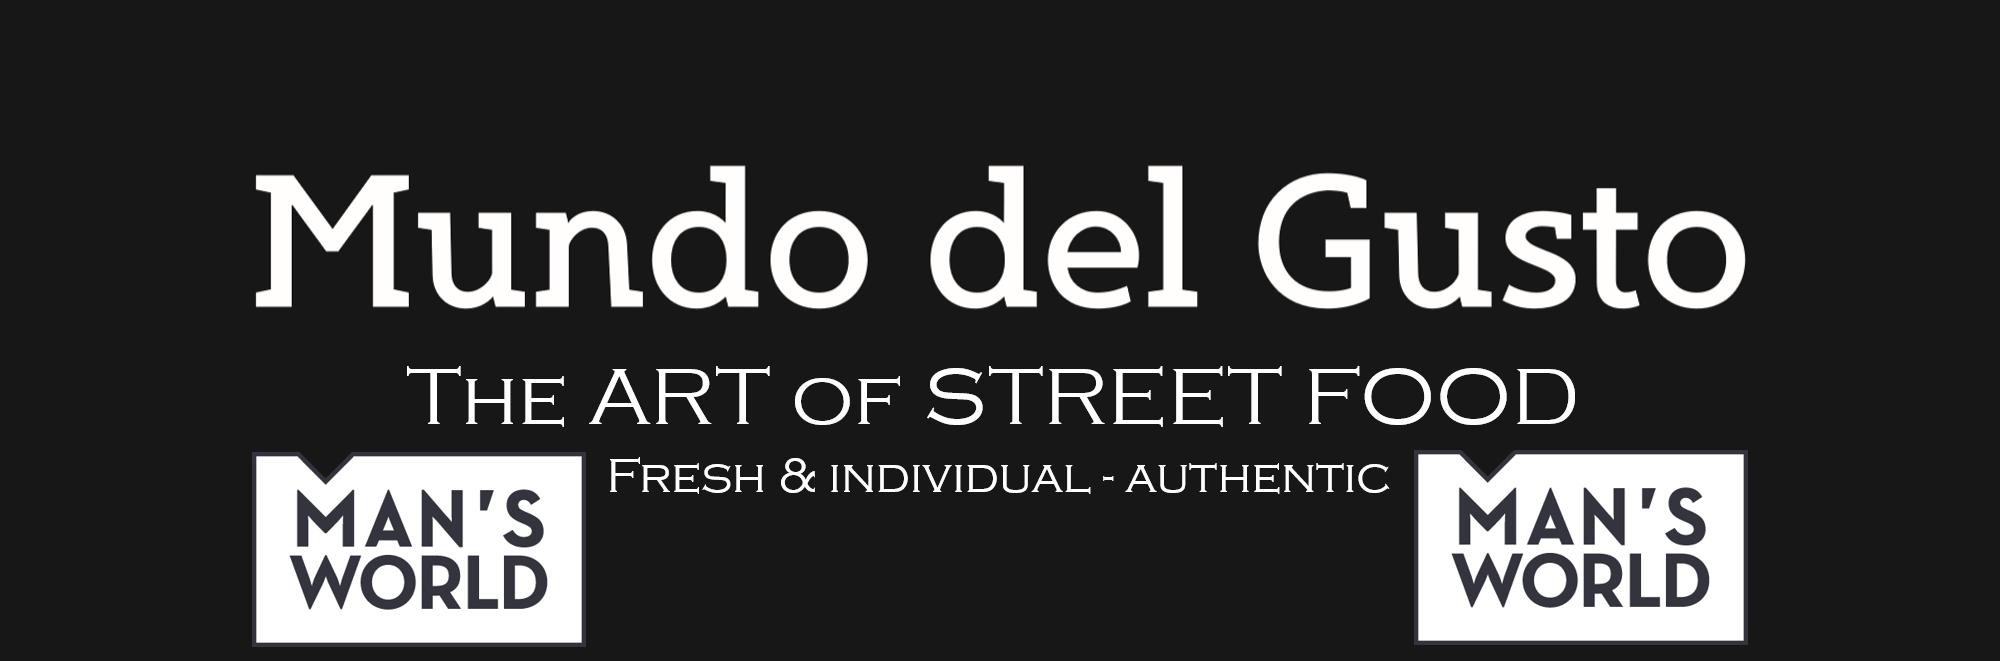 Erlebnis, Inspiration und Genuss an der Man's World mit Mundo del Gusto